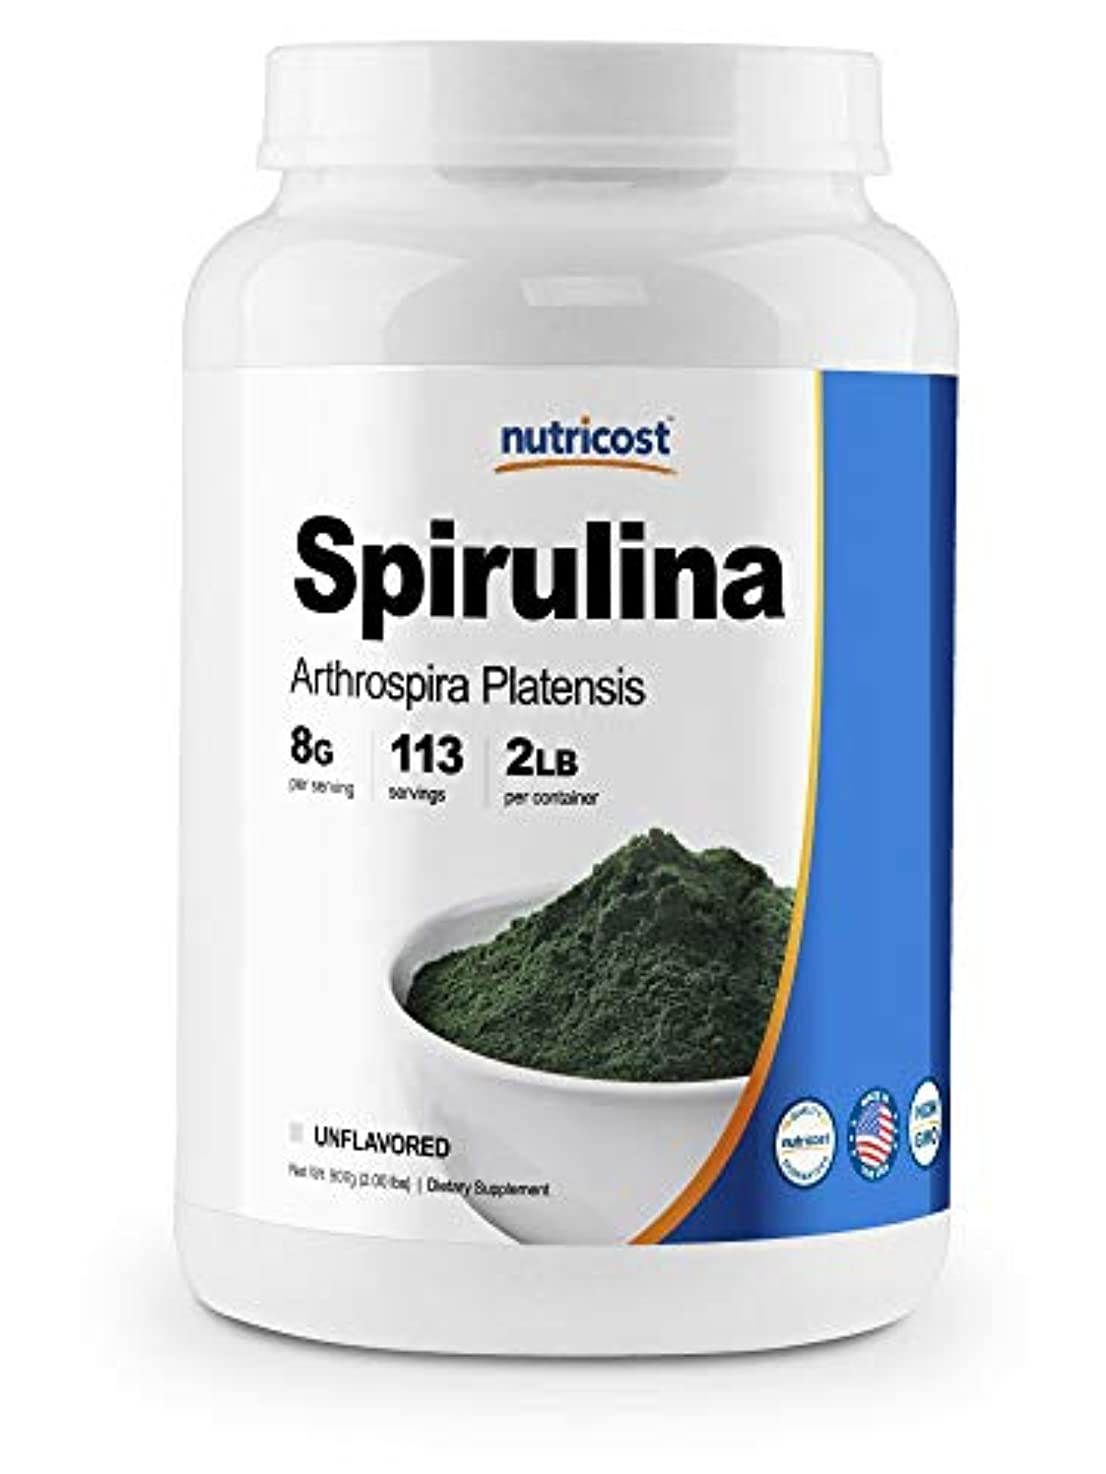 サラダ解く形容詞Nutricost スピルリナパウダー2ポンド - サービングごとの純粋な、良質のスピルリナ8000mg